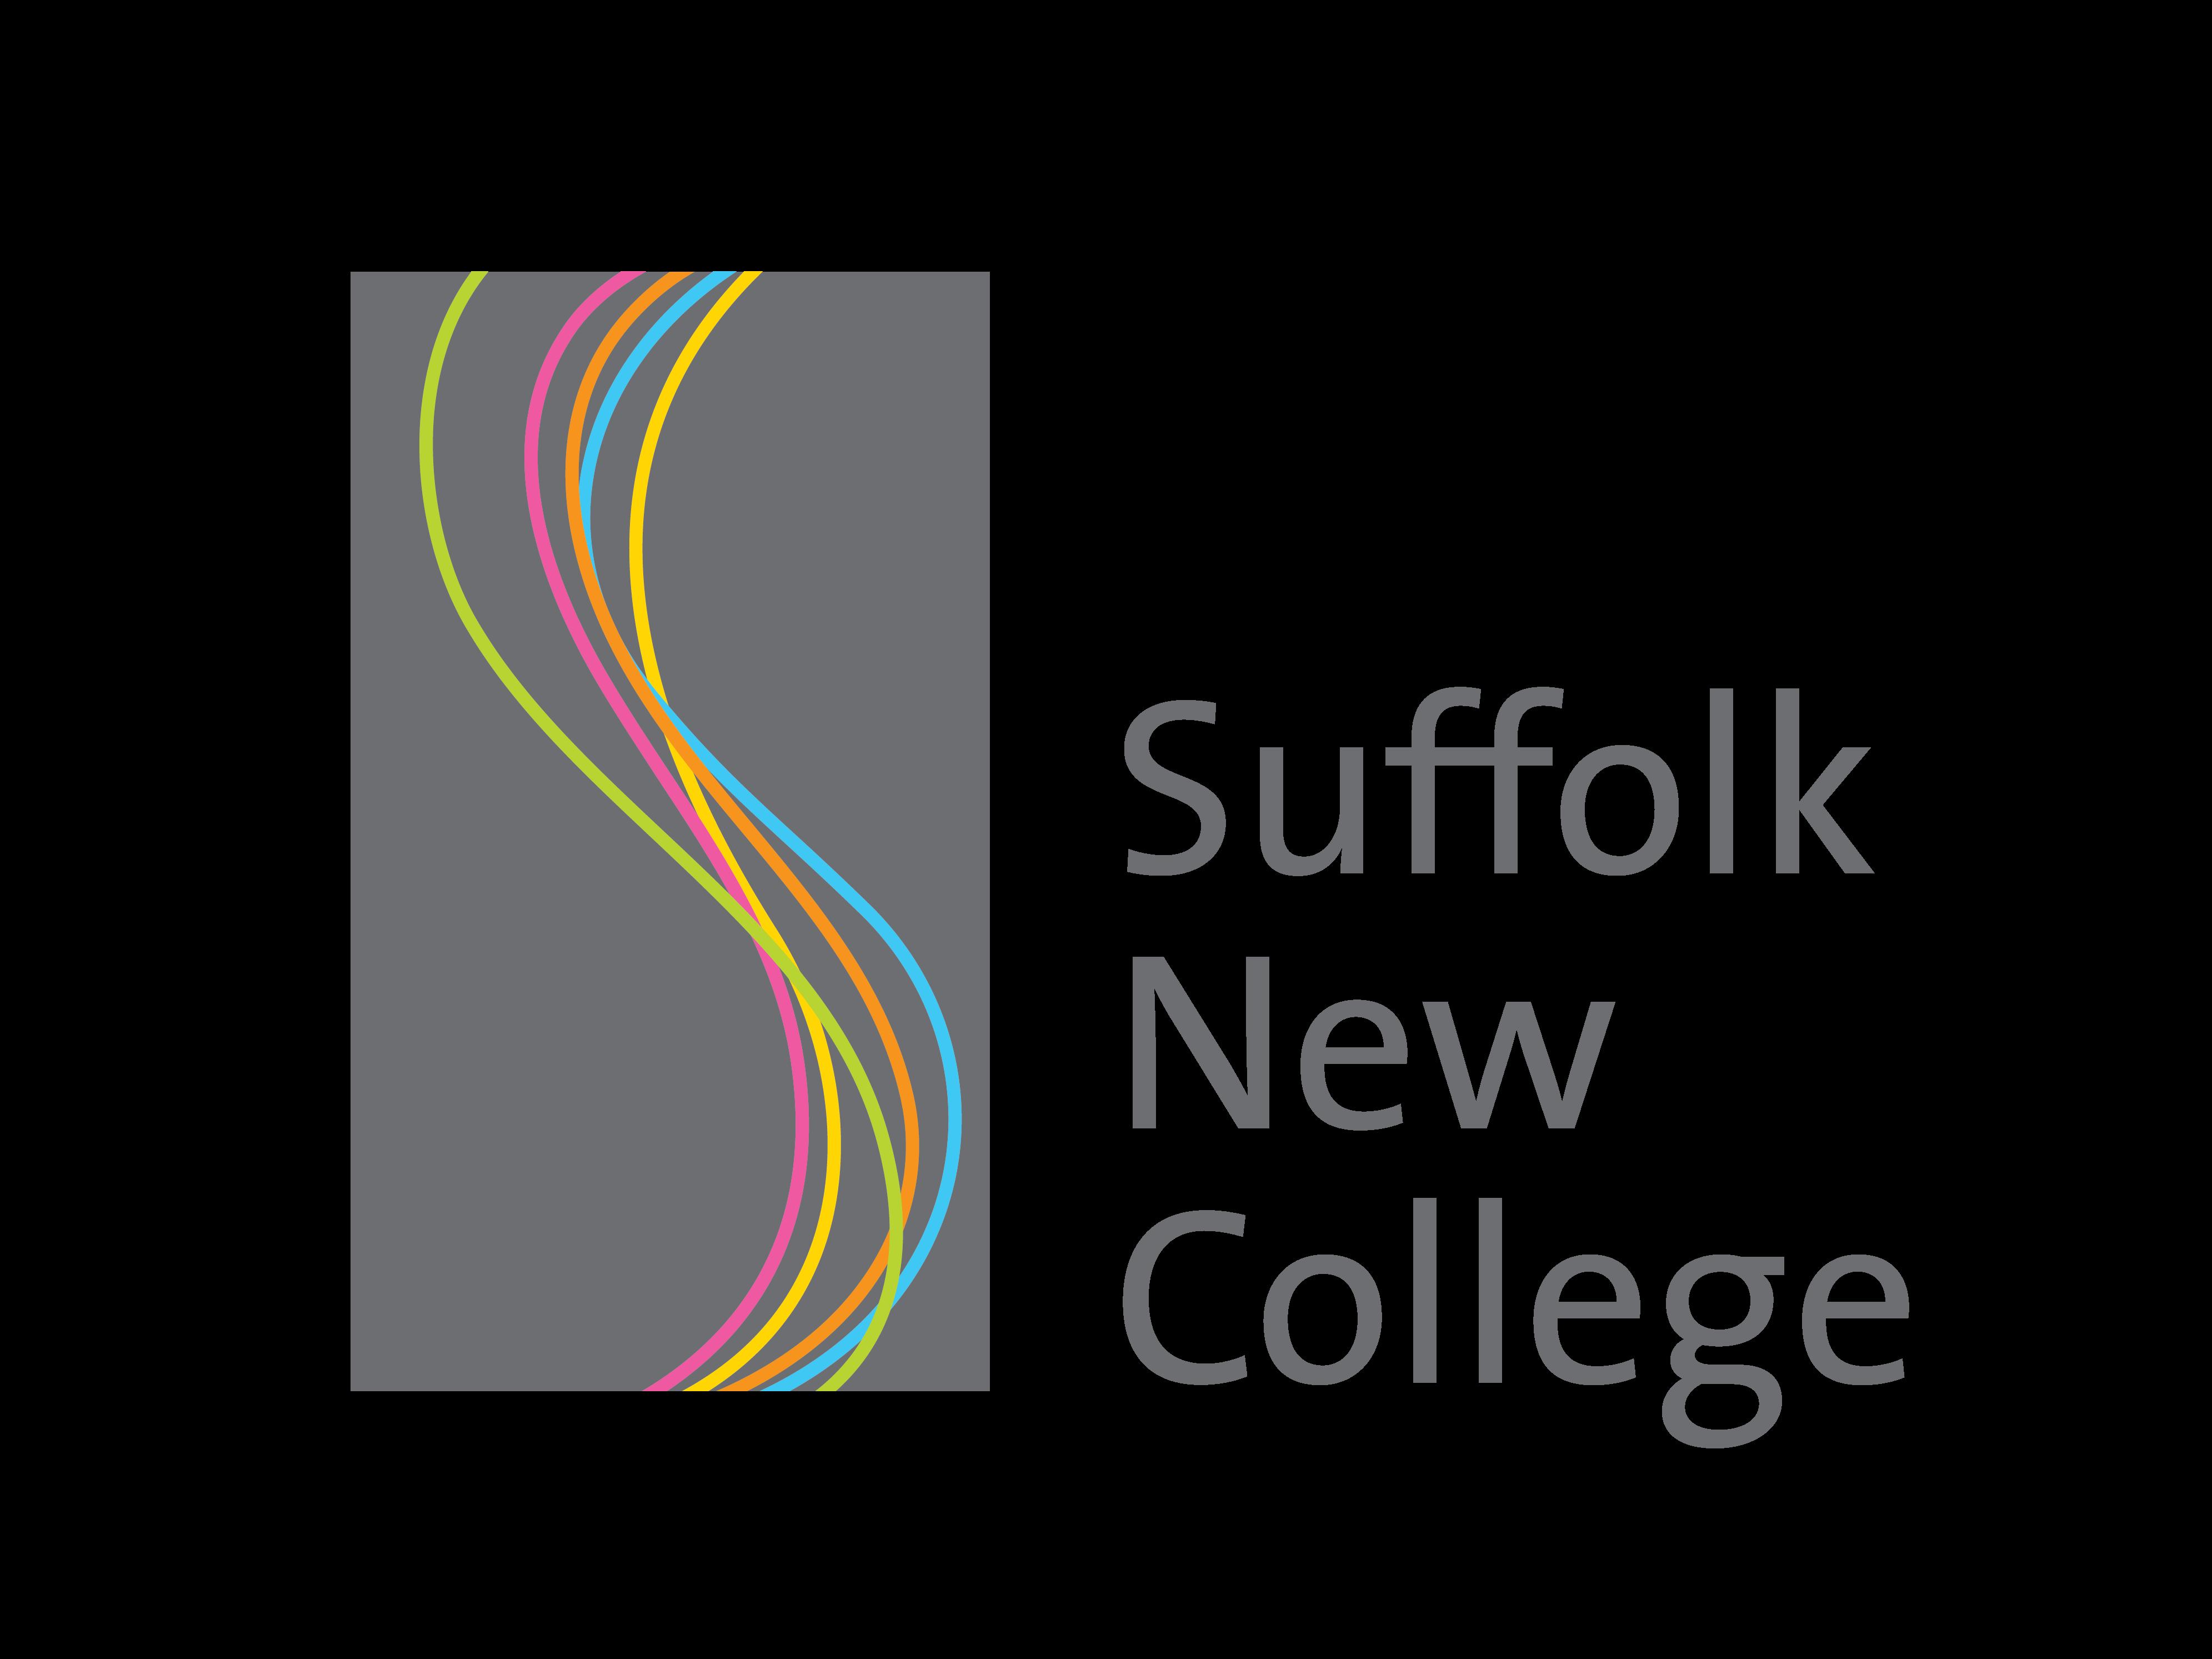 Suffolk New Collage logo